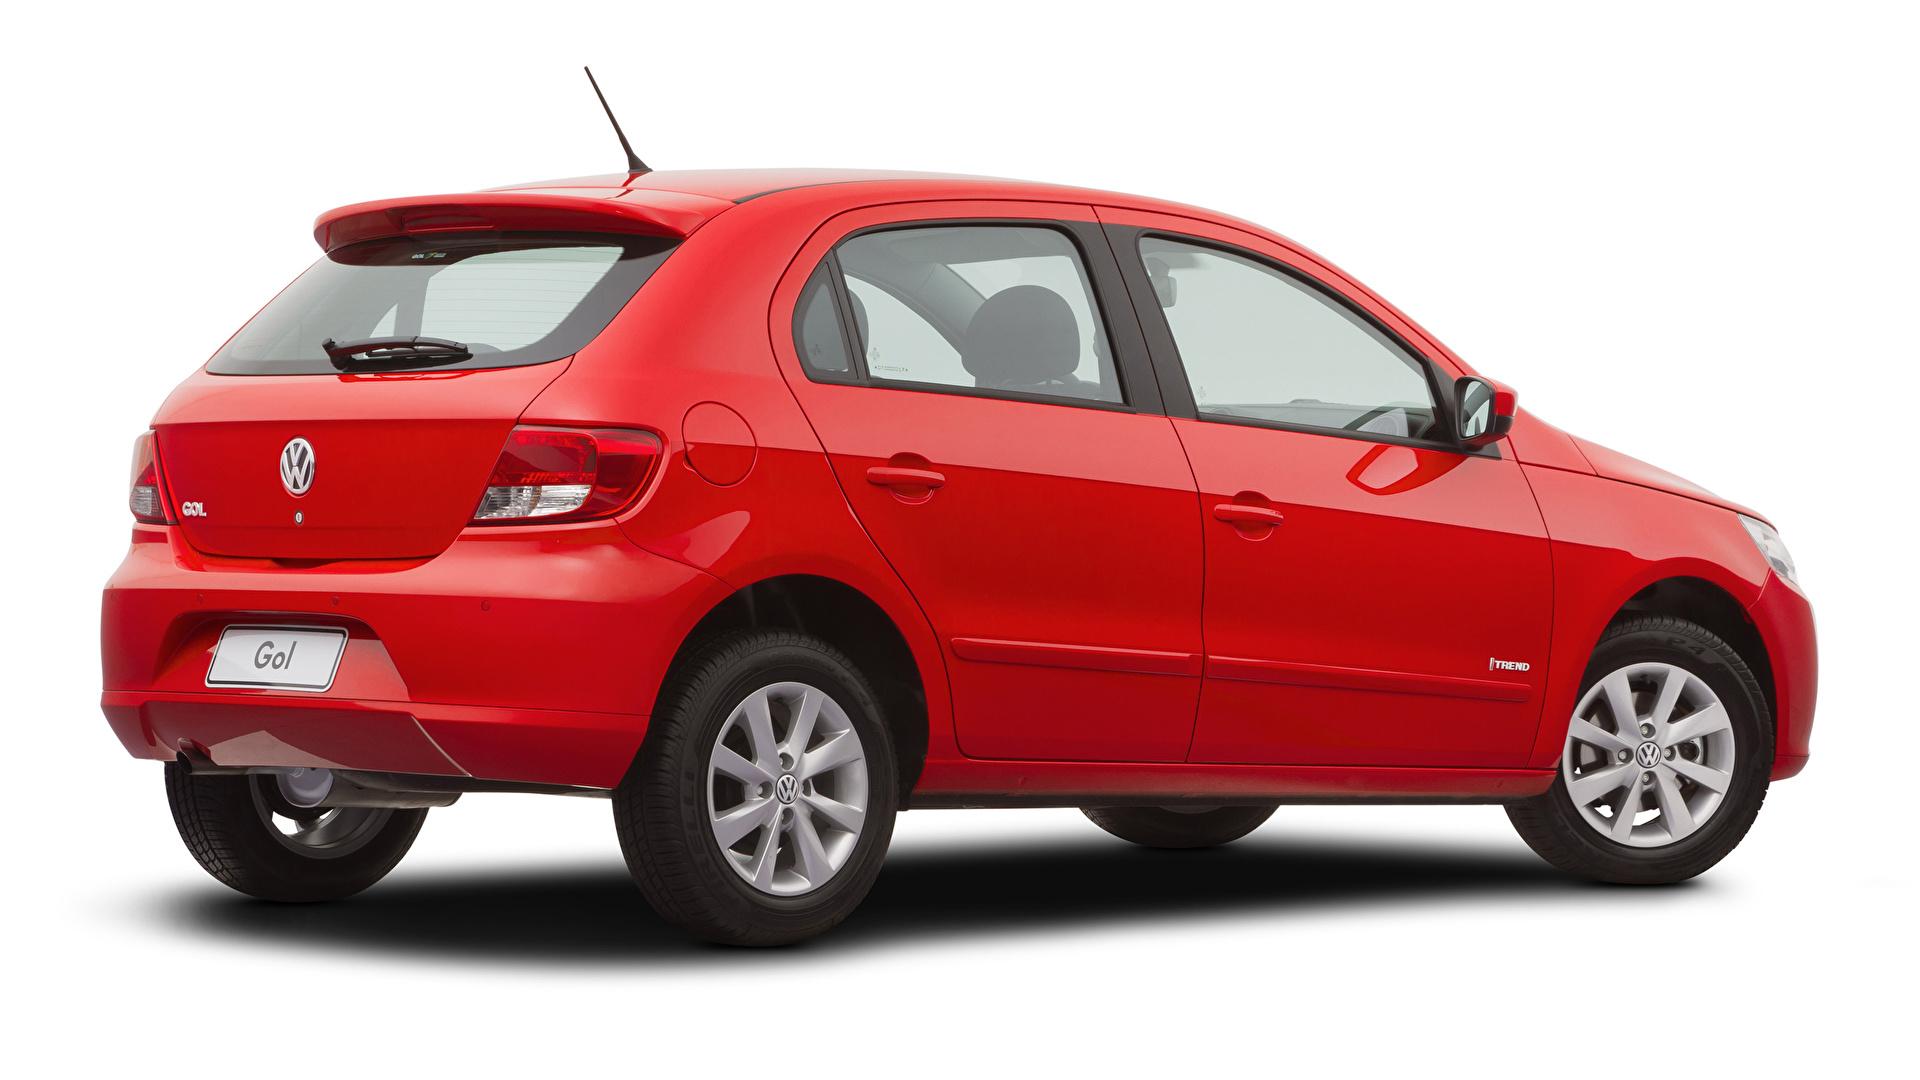 Картинки Фольксваген Gol Trend (V), 2008–12 красная машины Металлик Белый фон 1920x1080 Volkswagen Красный красные красных авто машина Автомобили автомобиль белом фоне белым фоном